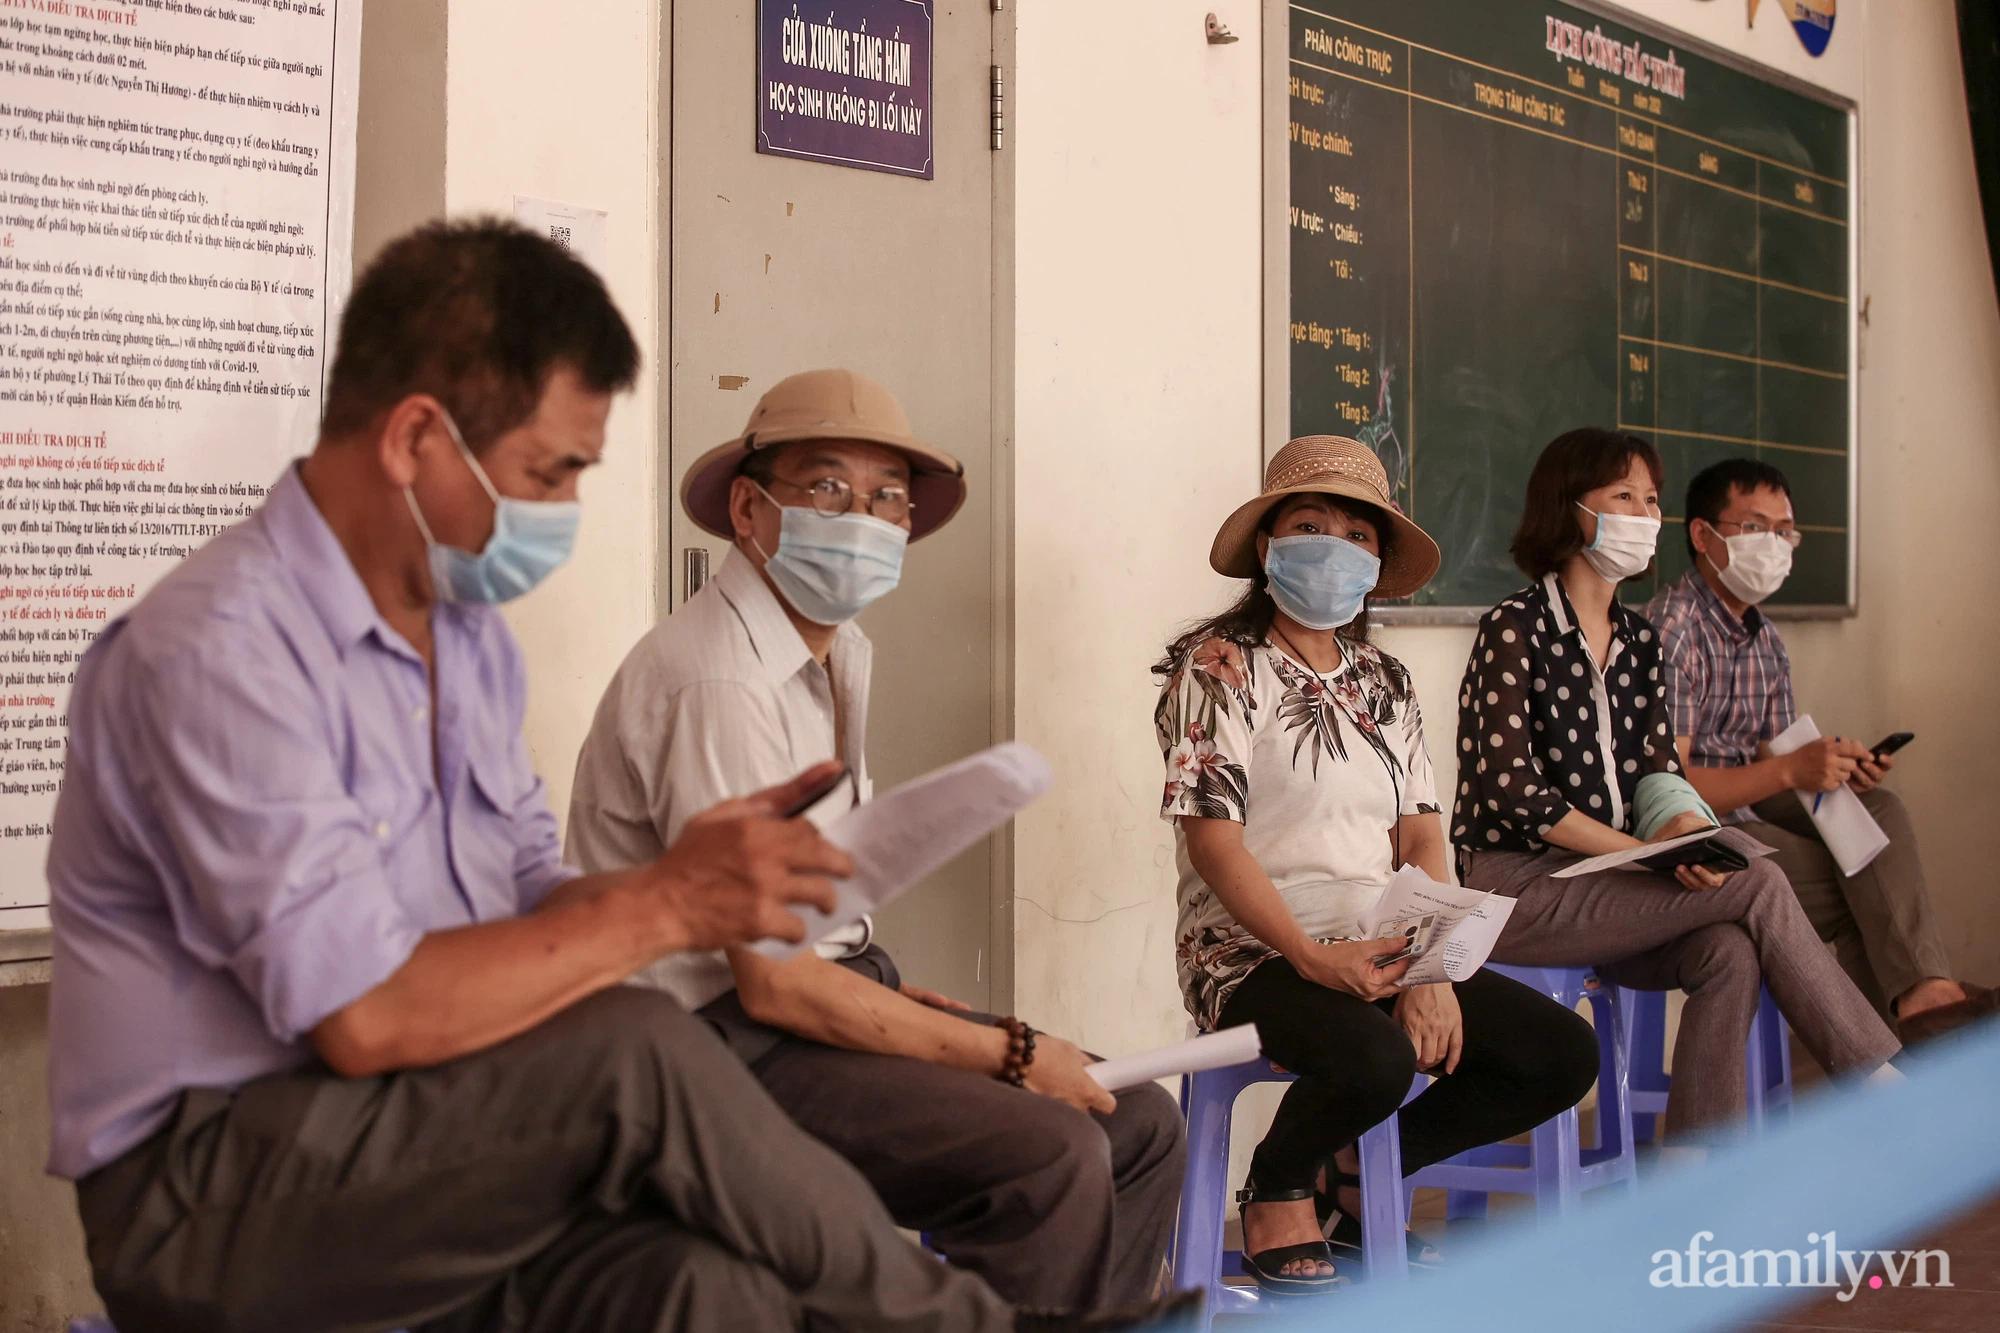 Ngày đầu tiên người dân Hà Nội bắt đầu được tiêm vaccine phòng dịch COVID-19 quy mô lớn nhất lịch sử - Ảnh 5.